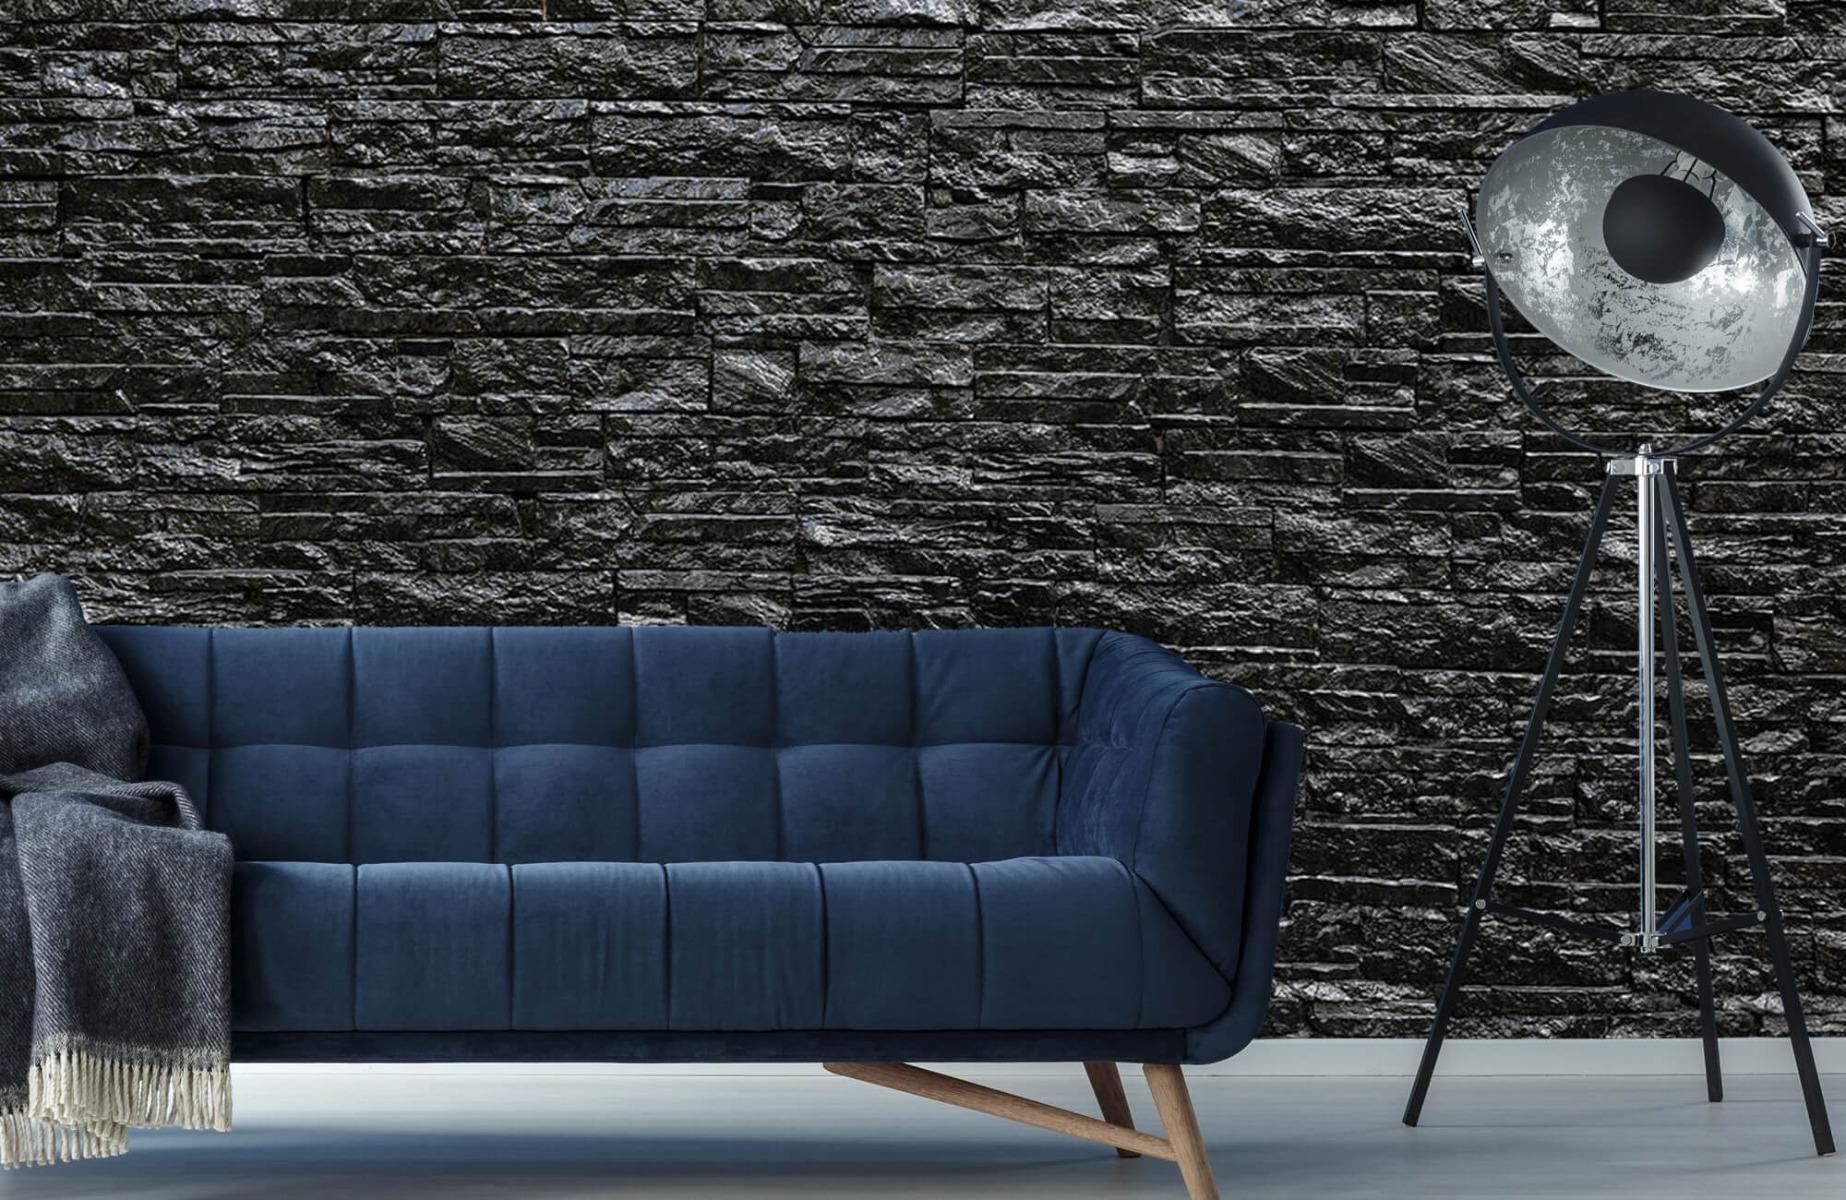 Steen behang - Zwarte stenen - Wallexclusive - Slaapkamer 10